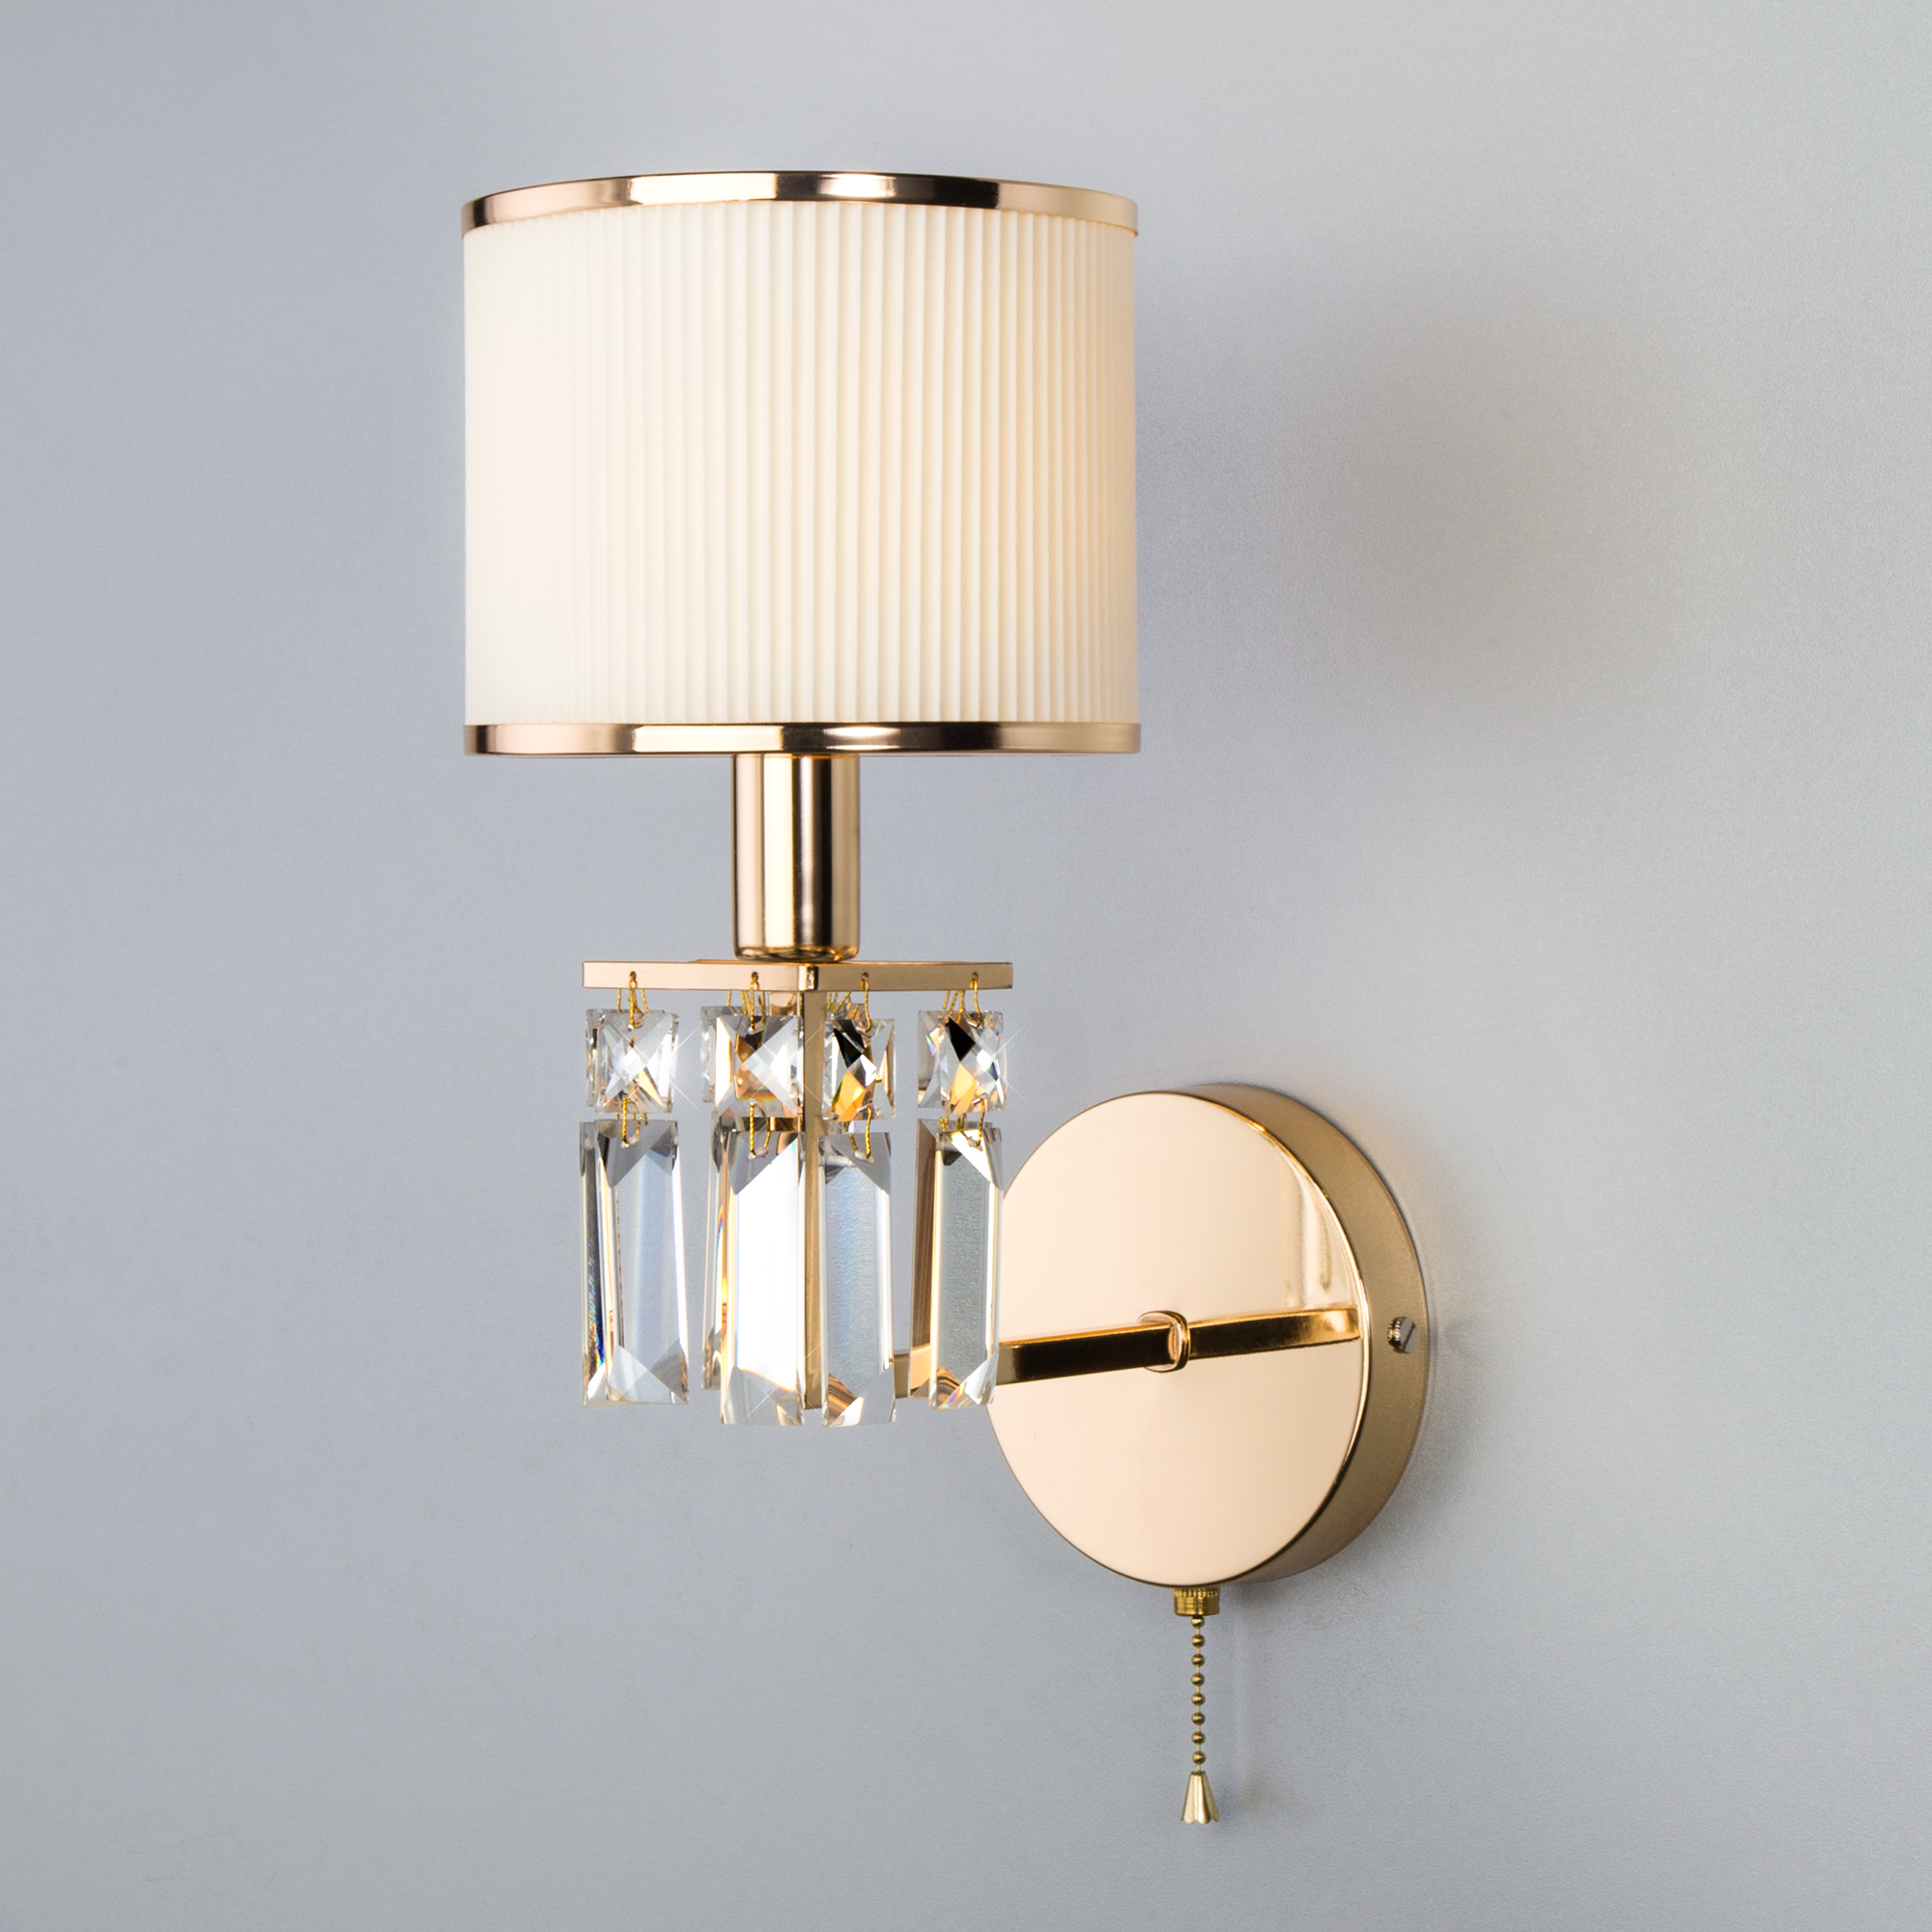 Настенный светильник с абажуром 10129/1 золото